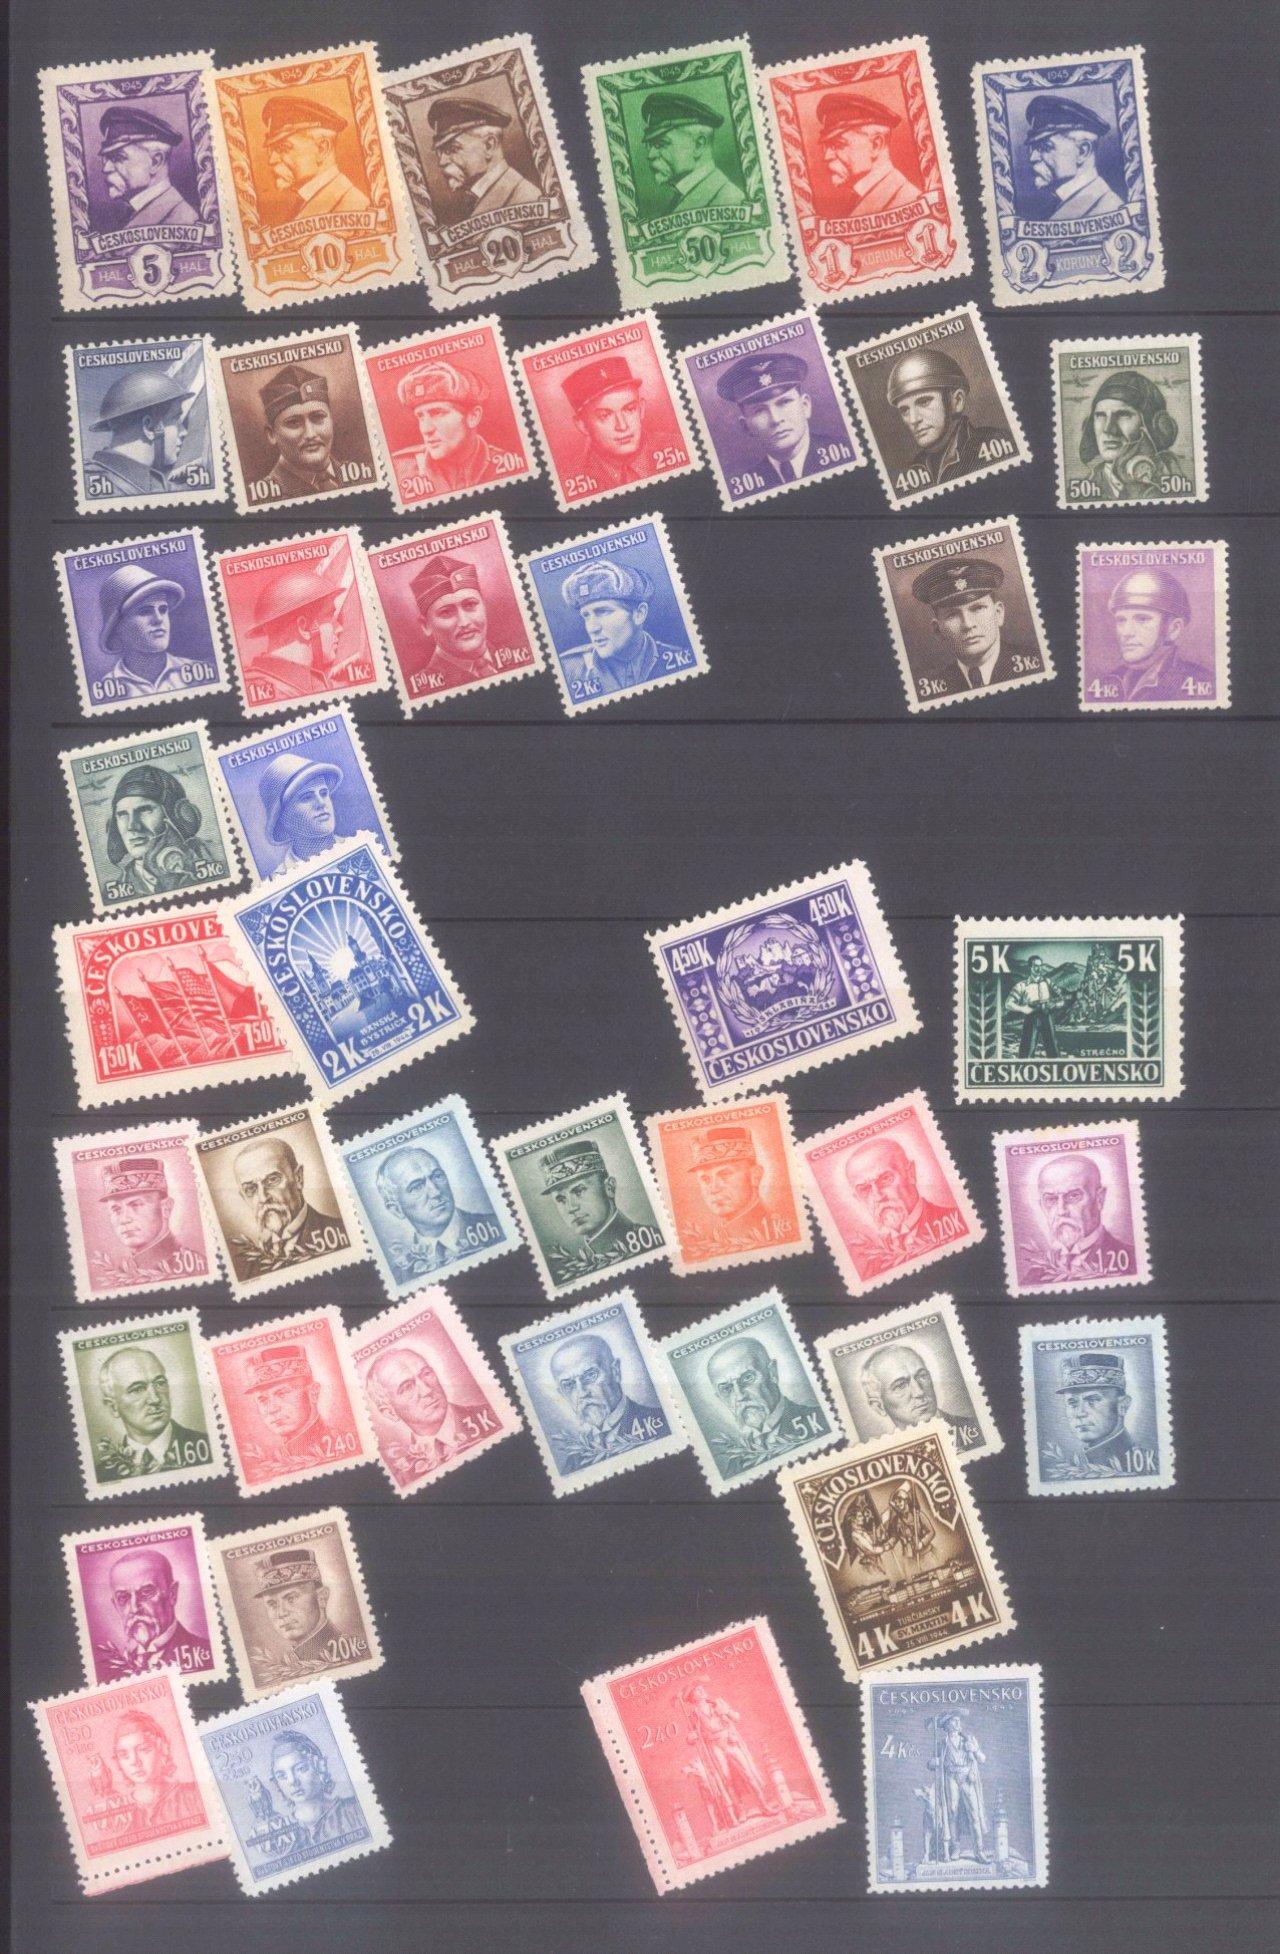 Sammlung CSSR in 6 Alben, dabei auch Bogen-1